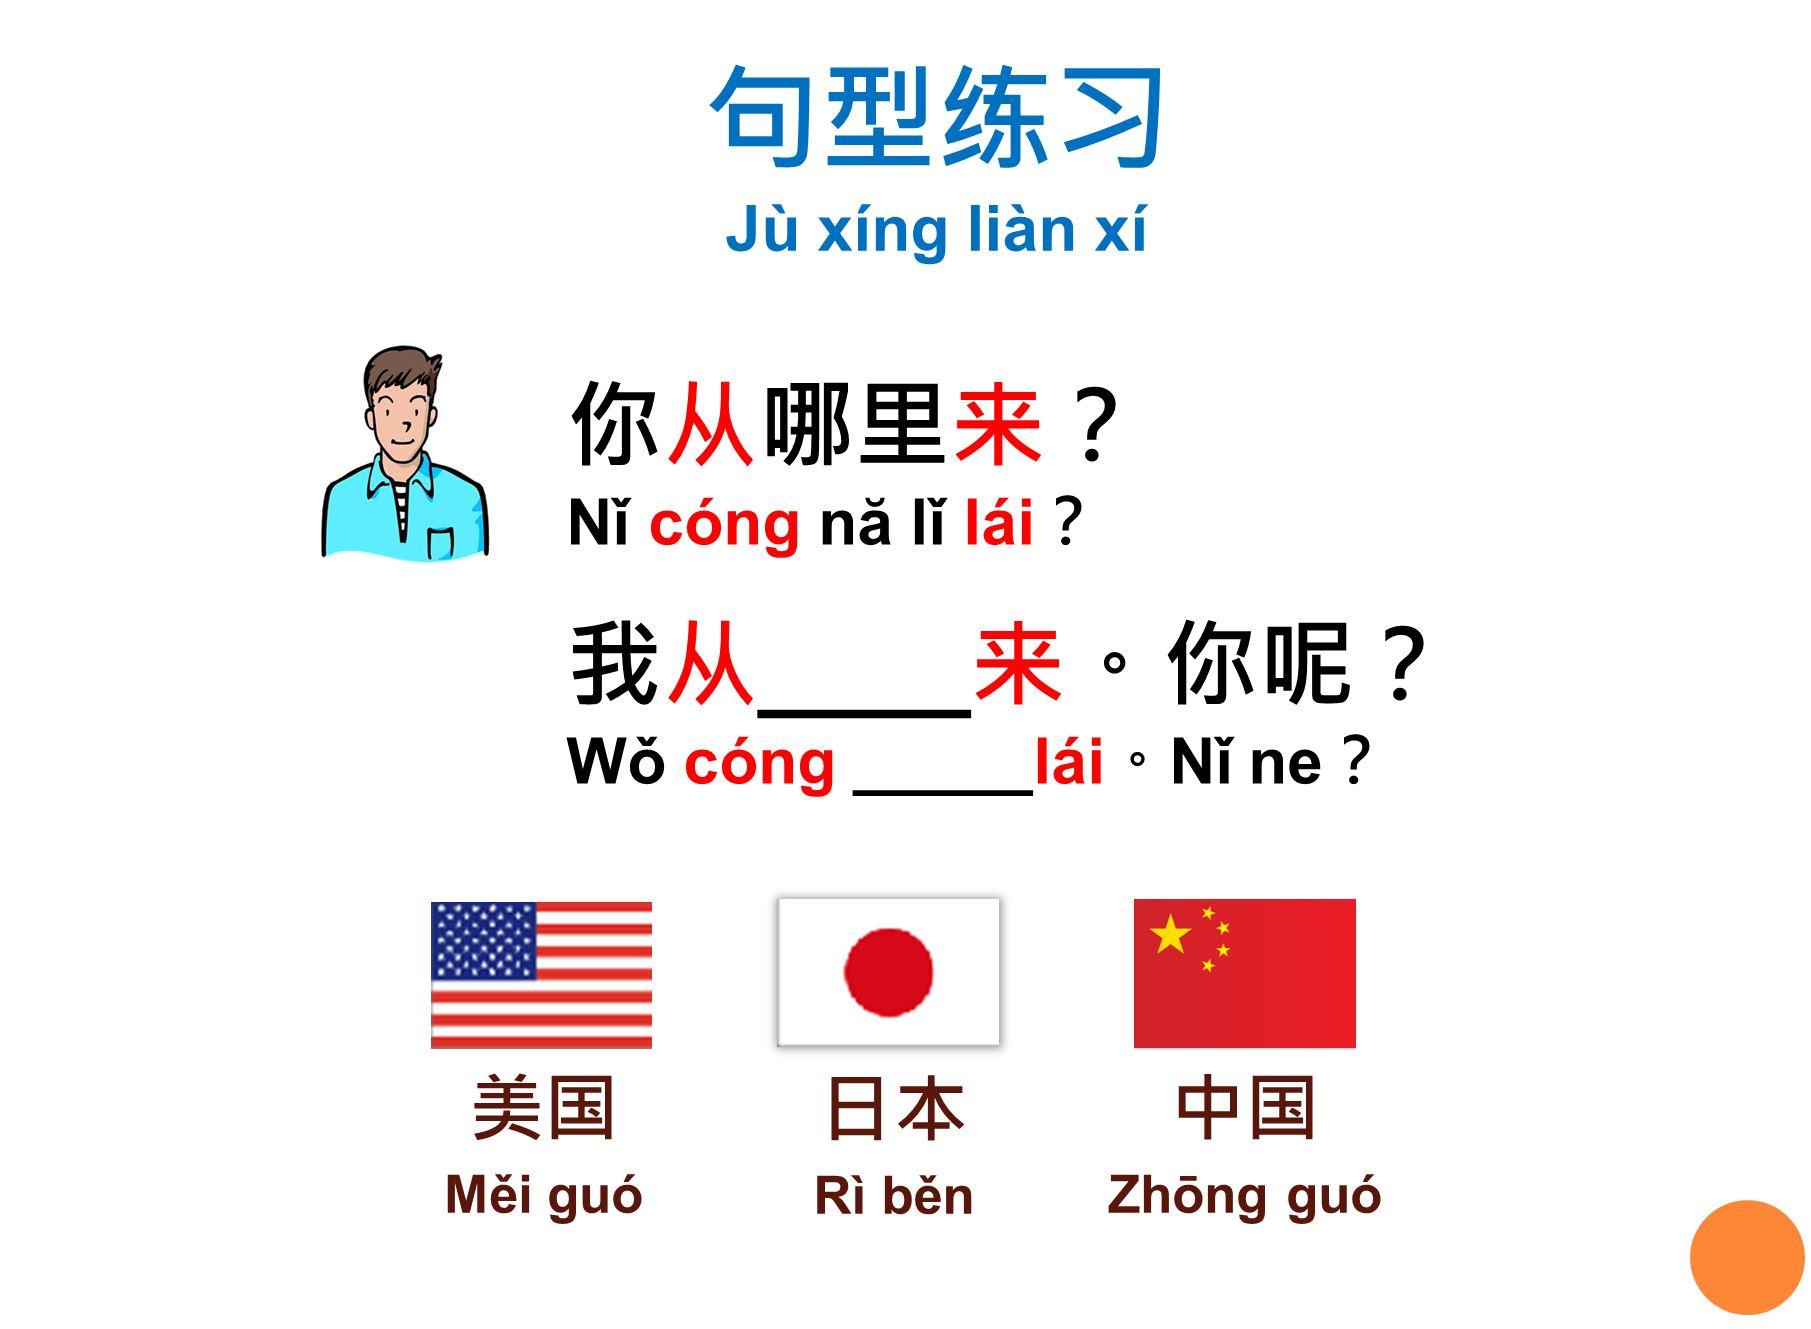 Where_you_from_n_cng_n_l_li.jpg